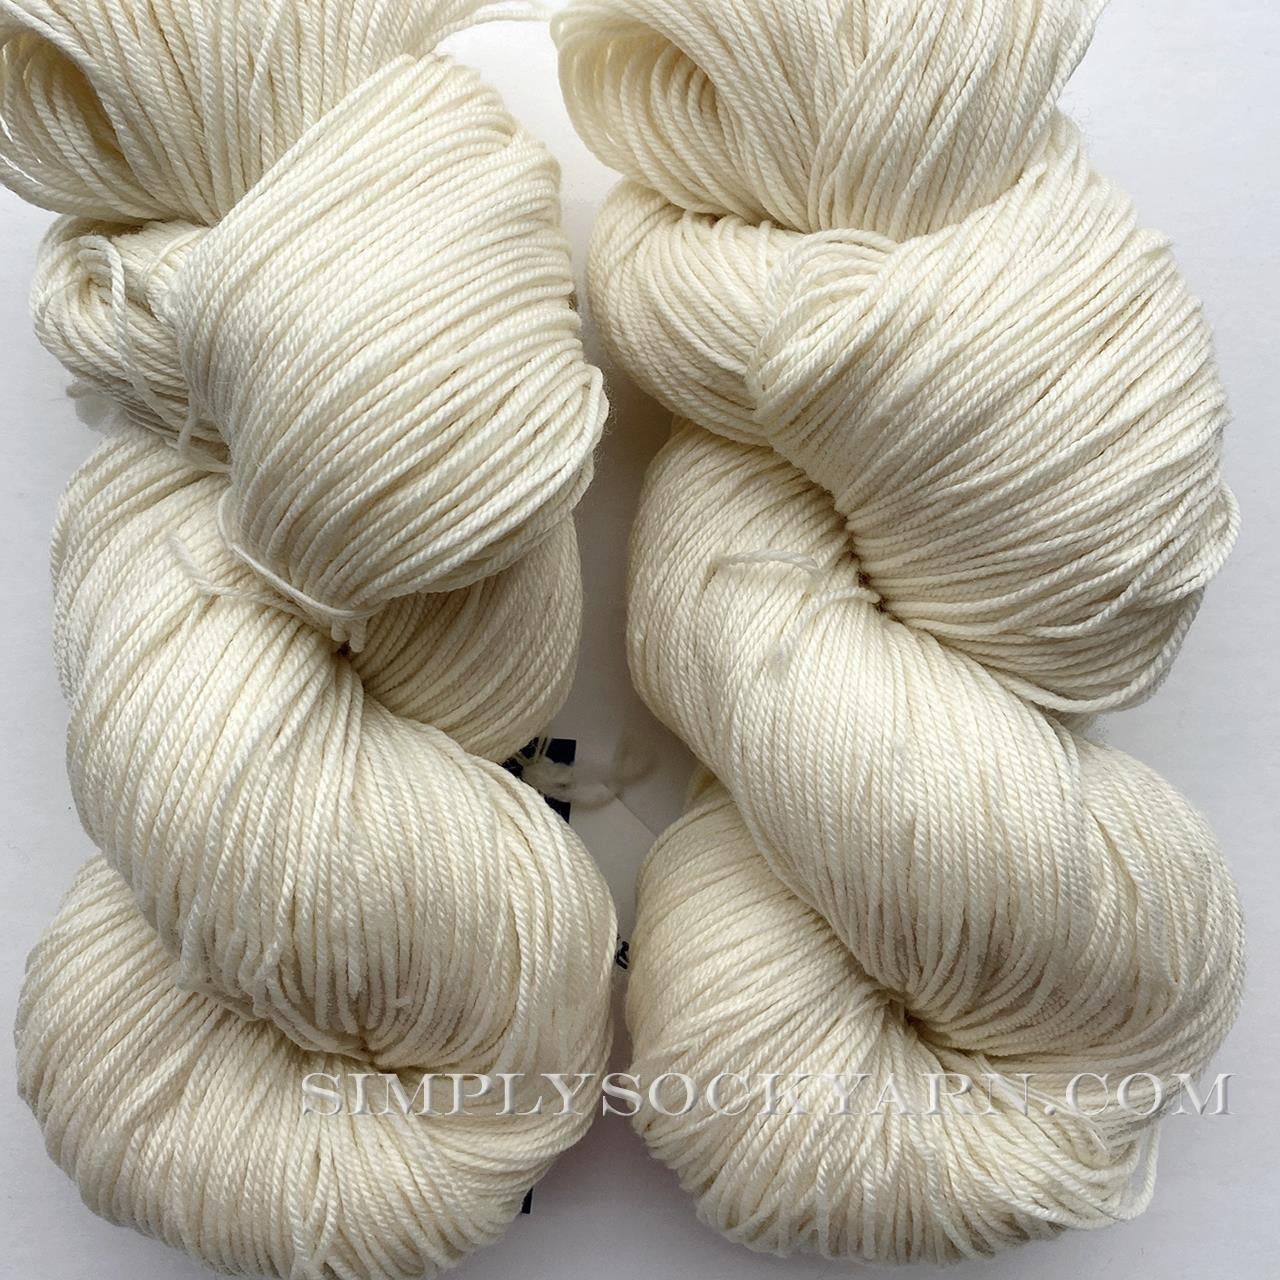 Malabrigo Sock 063 Natural -